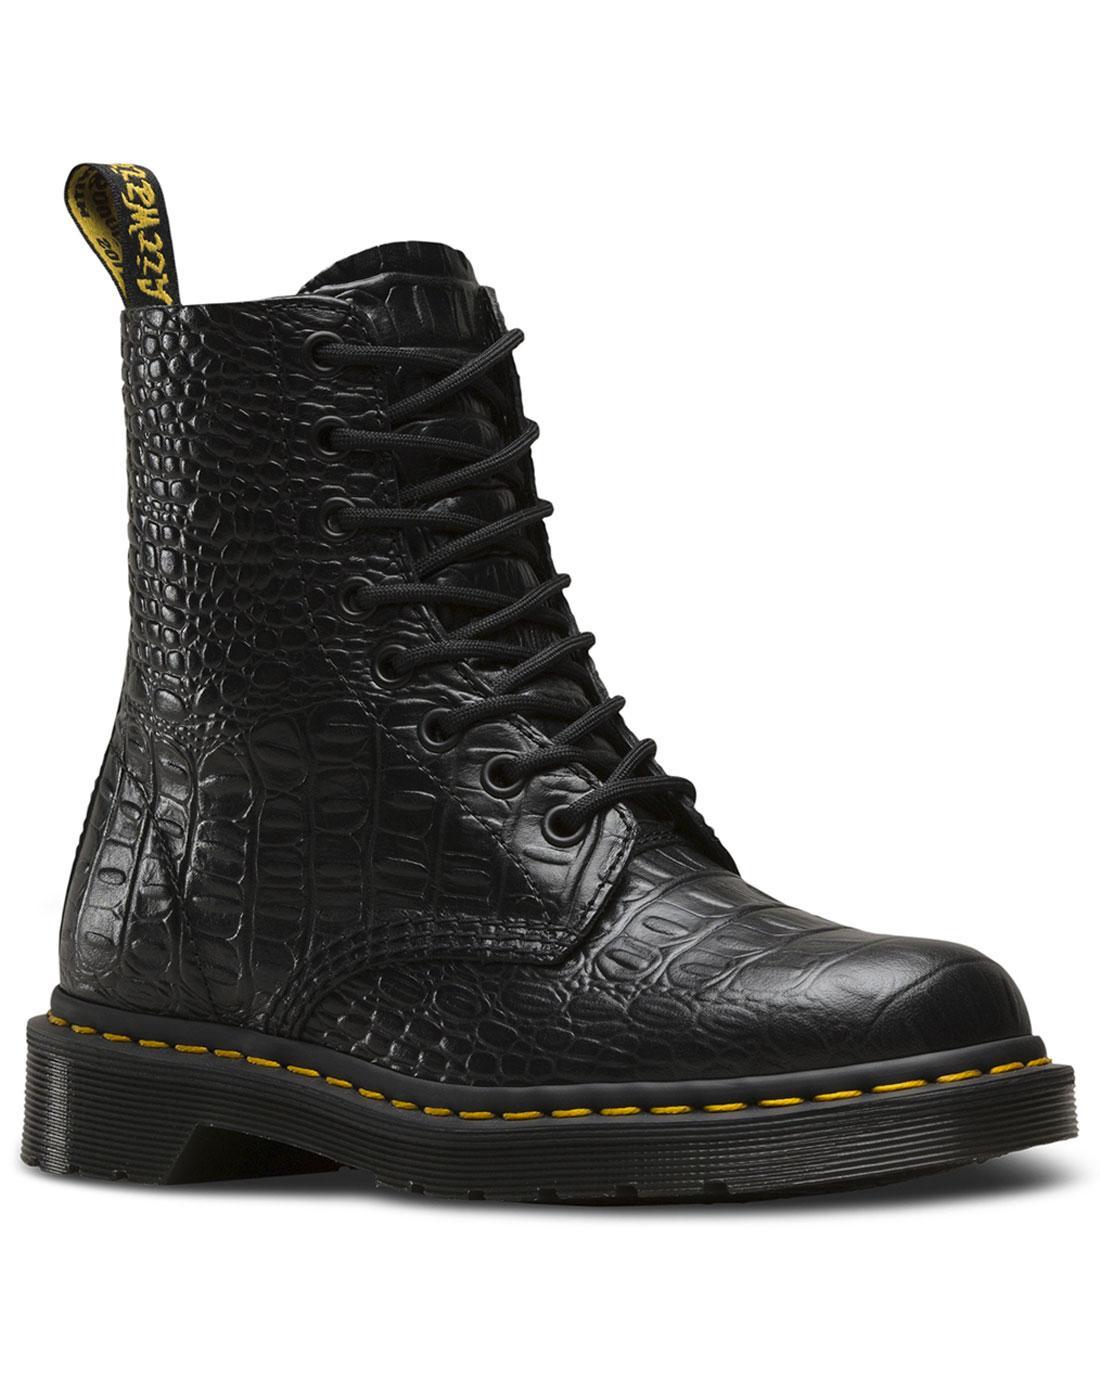 Pascal Croc DR MARTENS Faux Crocodile Stamp Boots